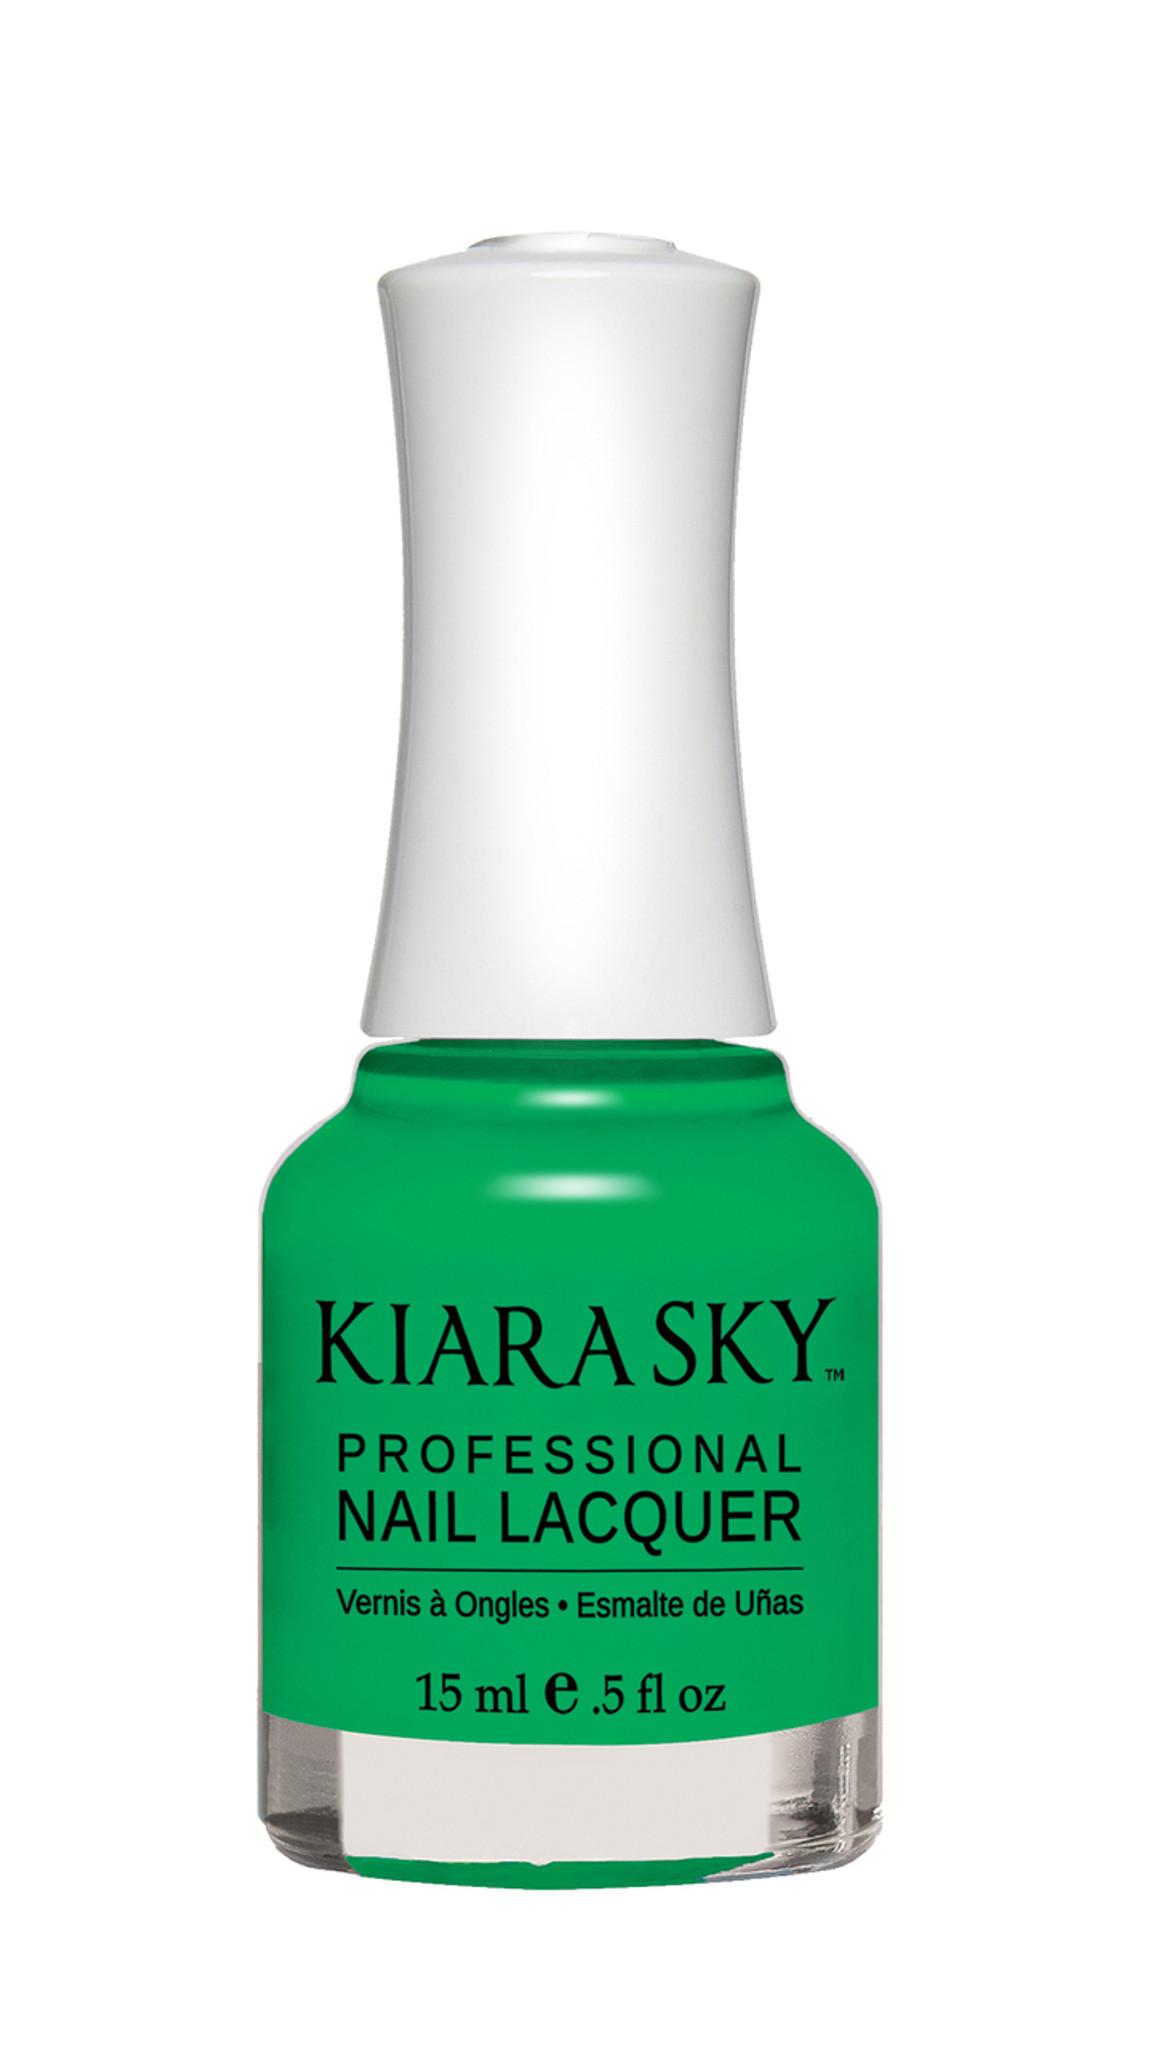 NAIL LACQUER - N448 GREEN WITH ENVY - Kiara Sky Professional Nails